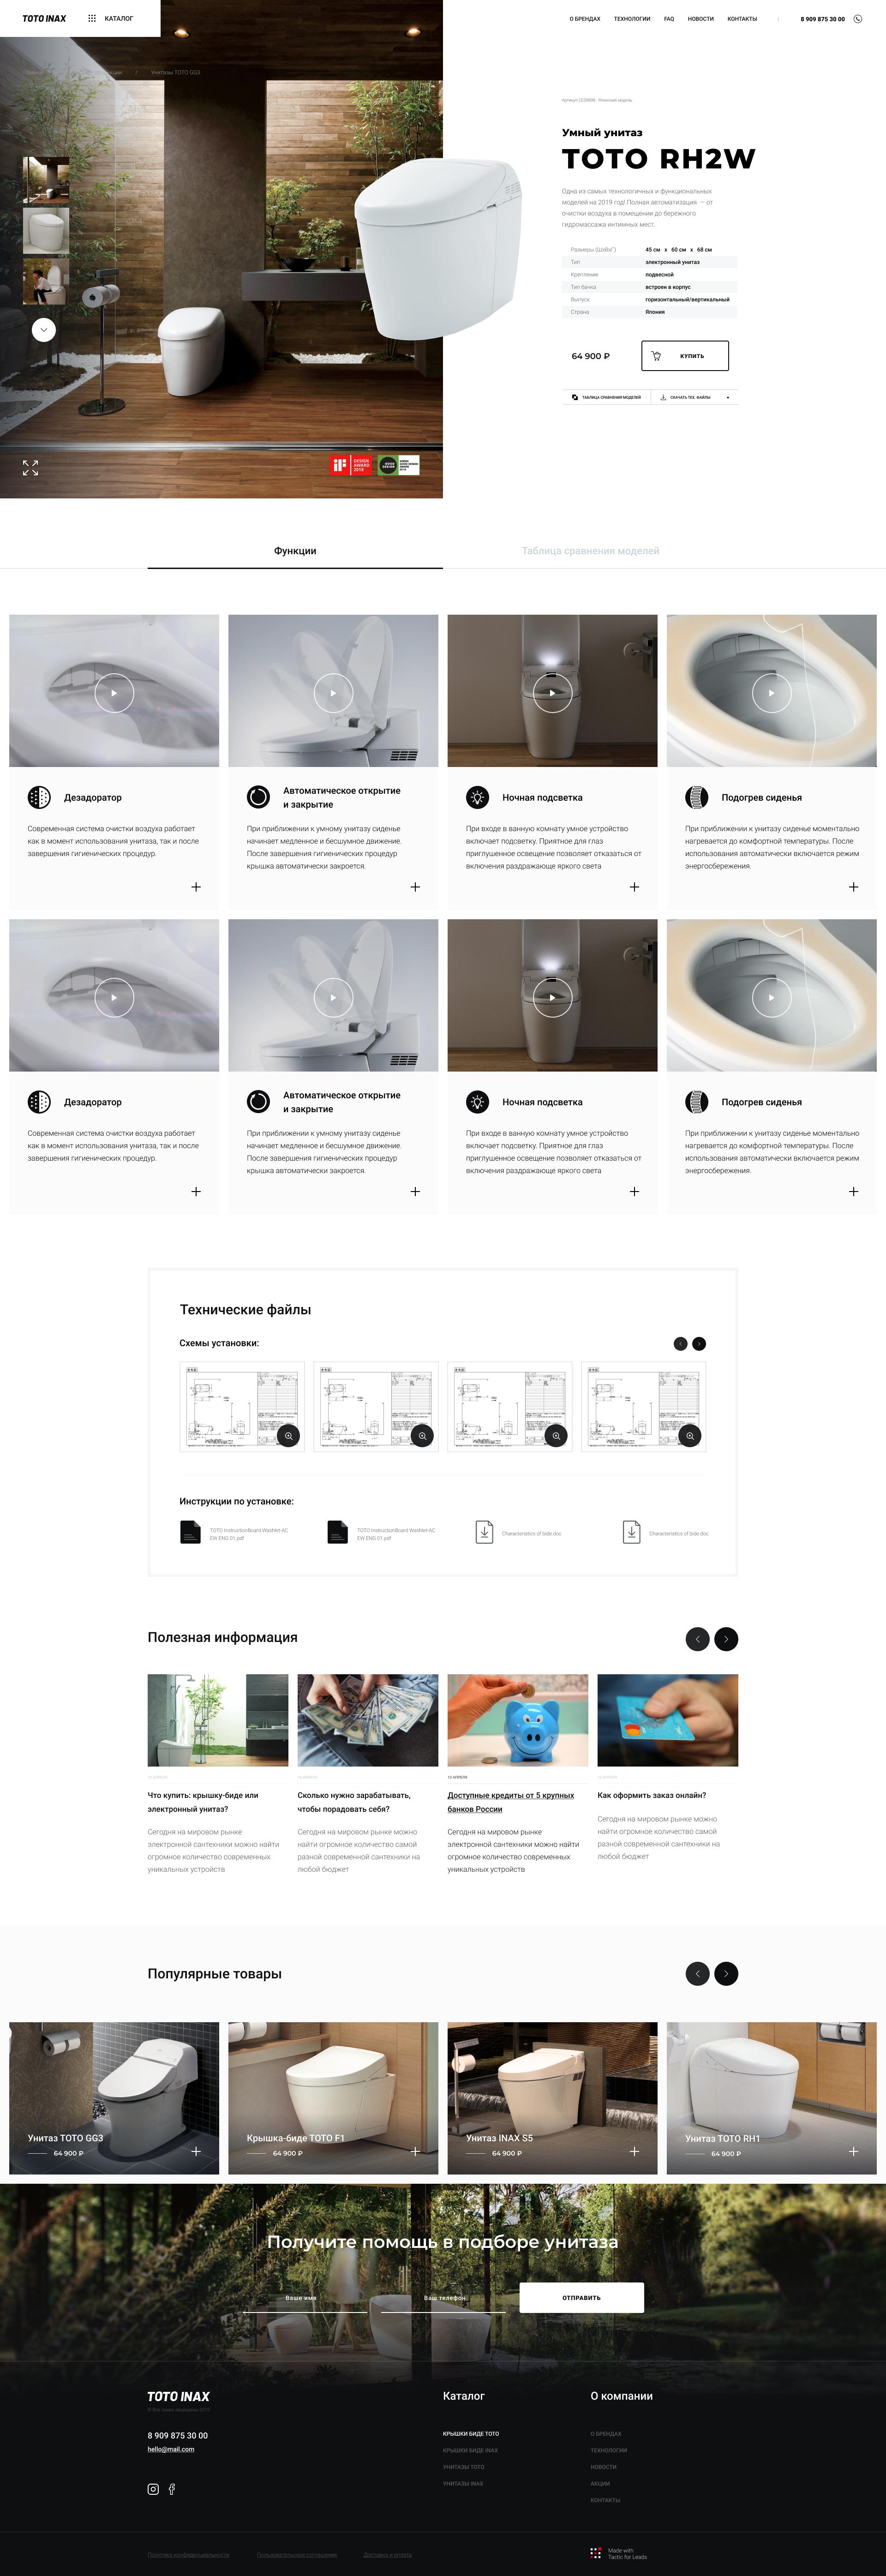 TotoInax - сайт японских премиальных биде